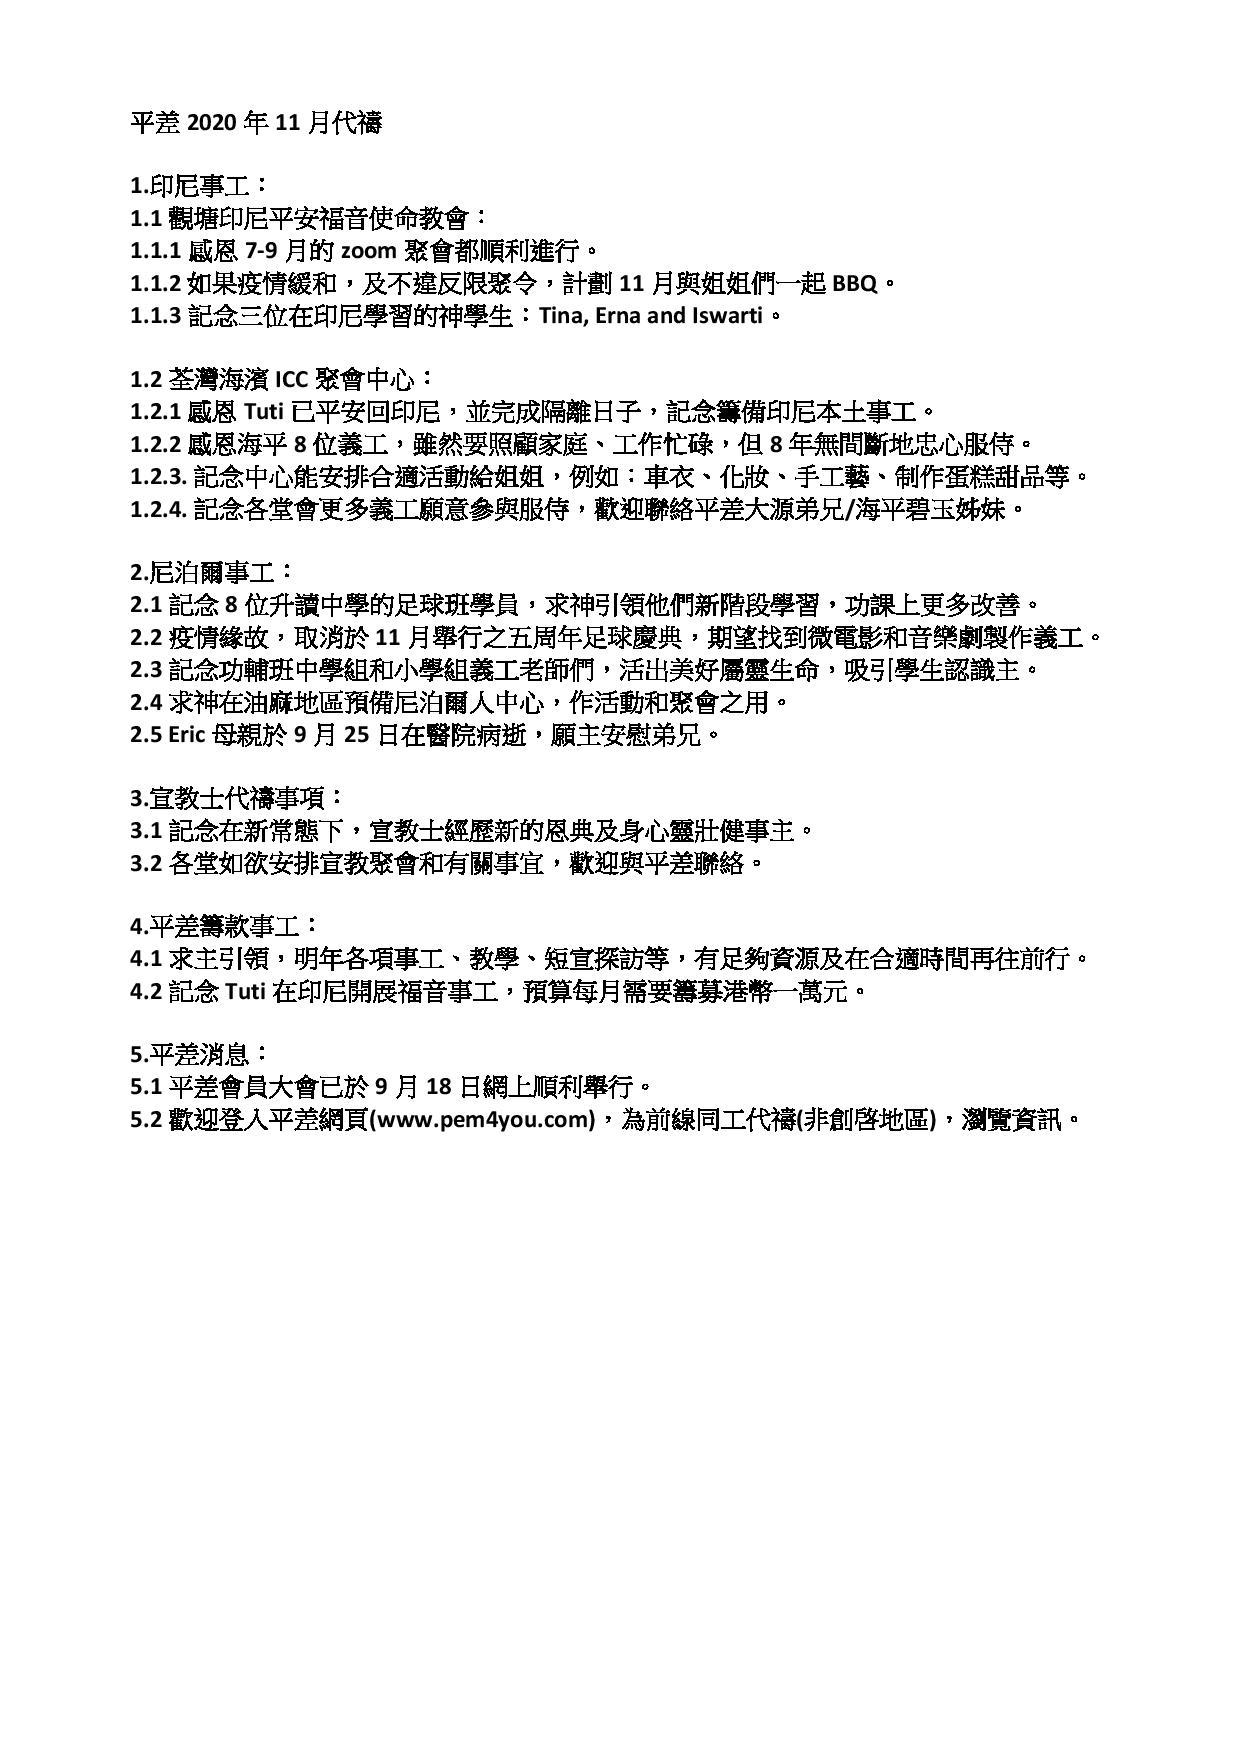 平差202011代禱-page-001